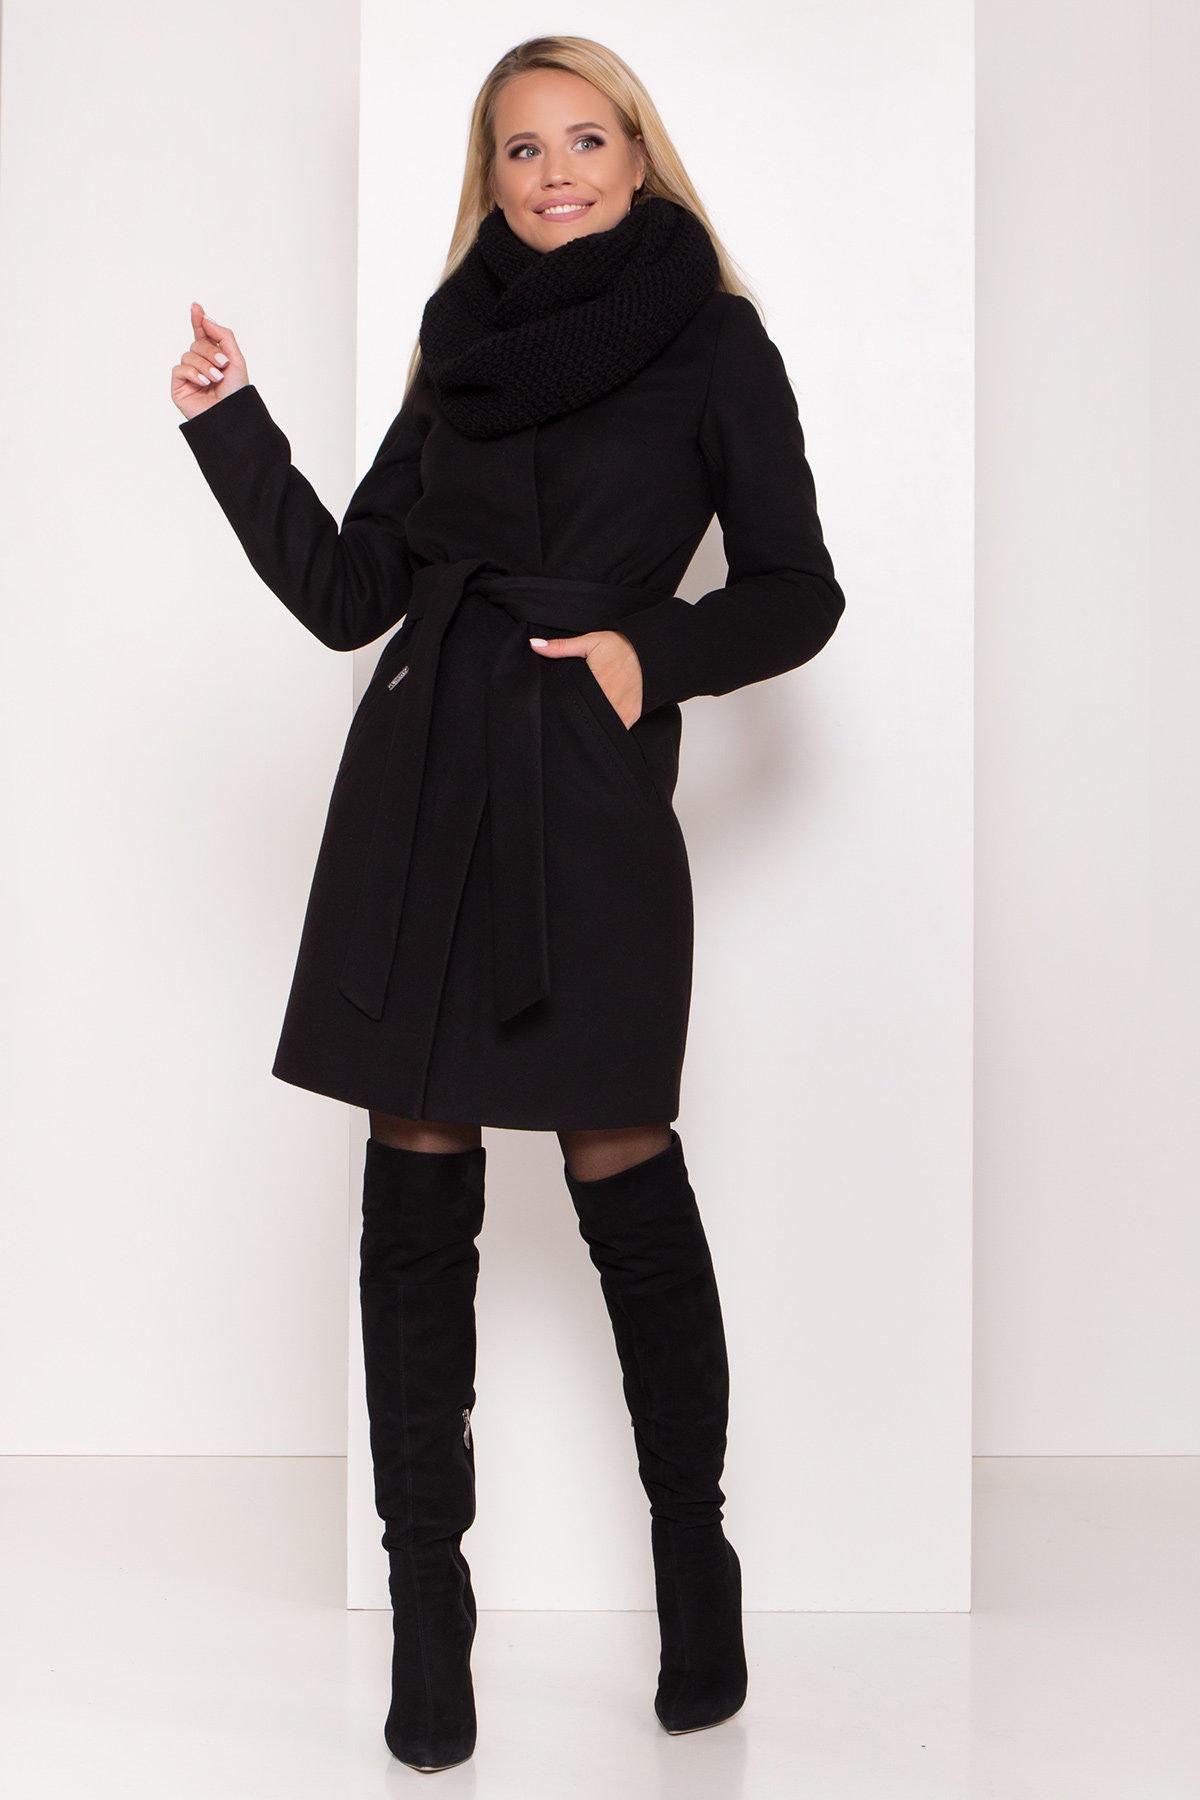 Пальто зима с хомутом Люцея 8211 АРТ. 44225 Цвет: Черный Н-1 - фото 15, интернет магазин tm-modus.ru